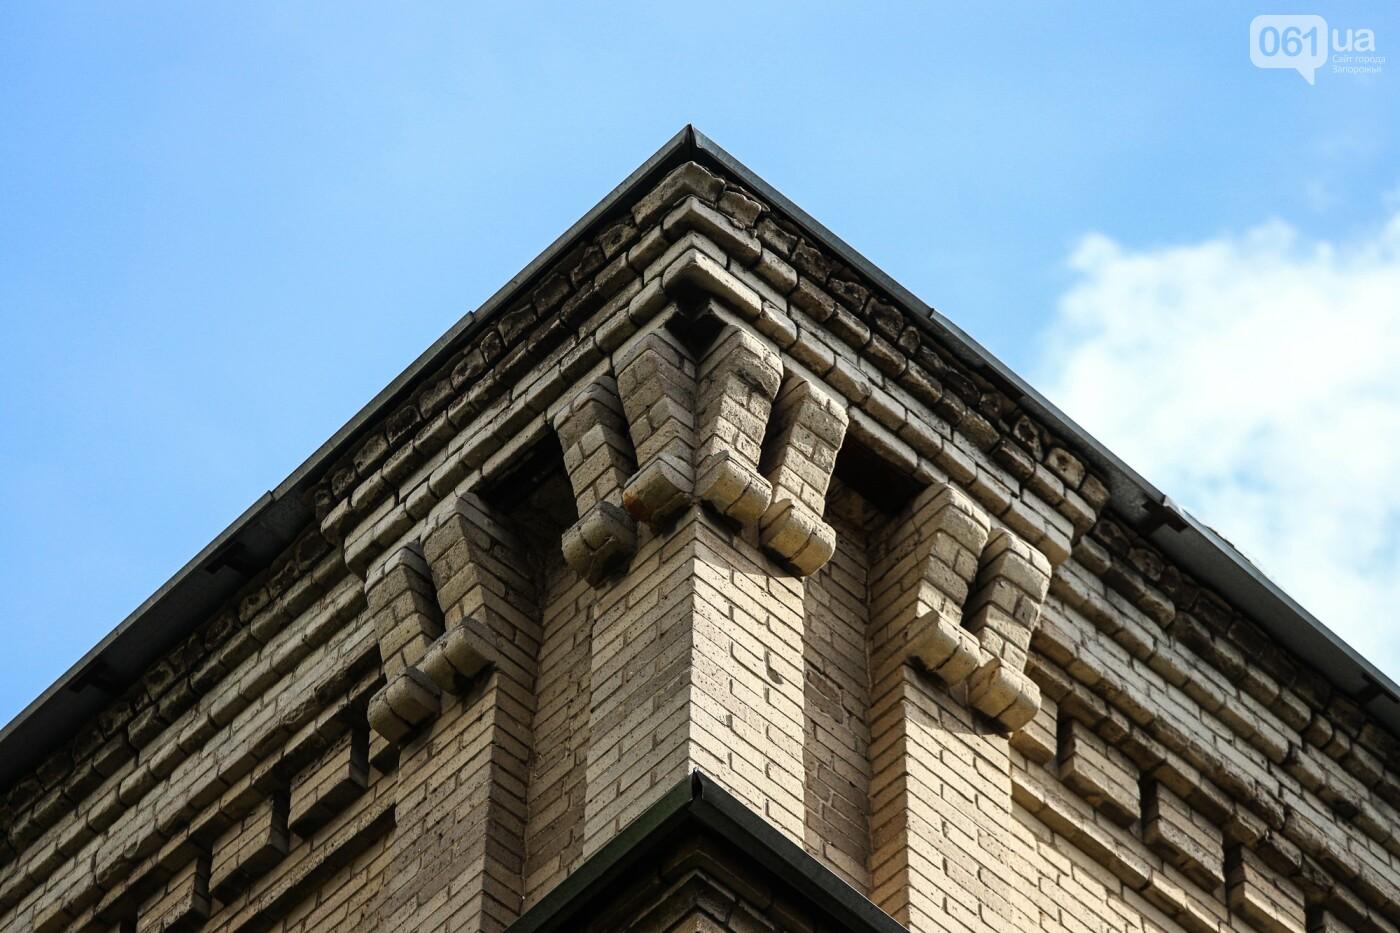 Памятники Старого Александровска: как сейчас выглядит здание первой в городе электростанции, - ФОТО, фото-7